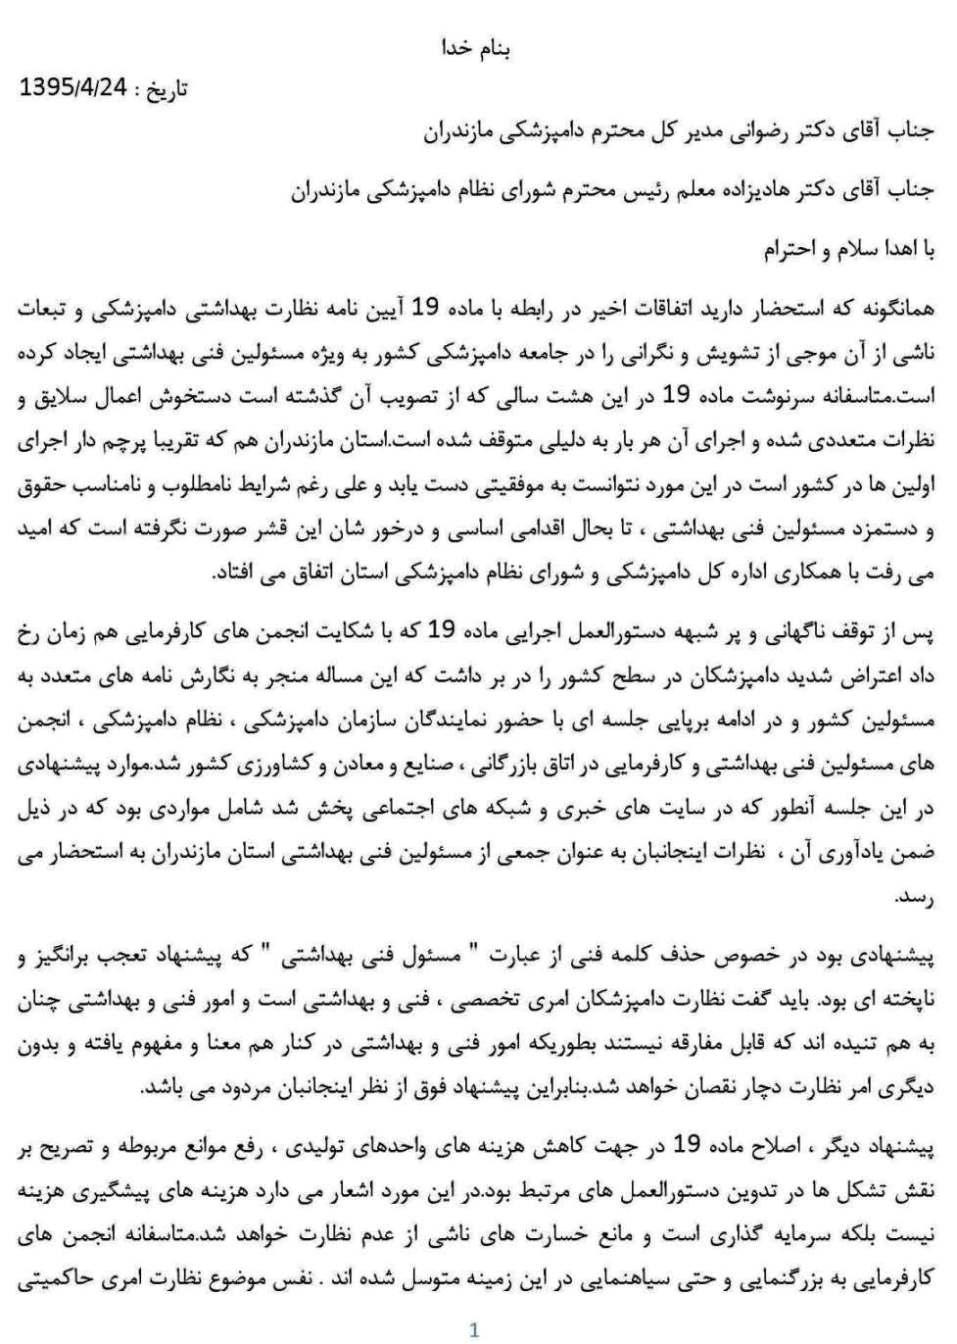 نامه 40 نفر از مسئولین فنی بهداشتی استان مازندران درخصوص اجرای ماده 19 آییننامه نظارت بهداشتی دامپزشکی